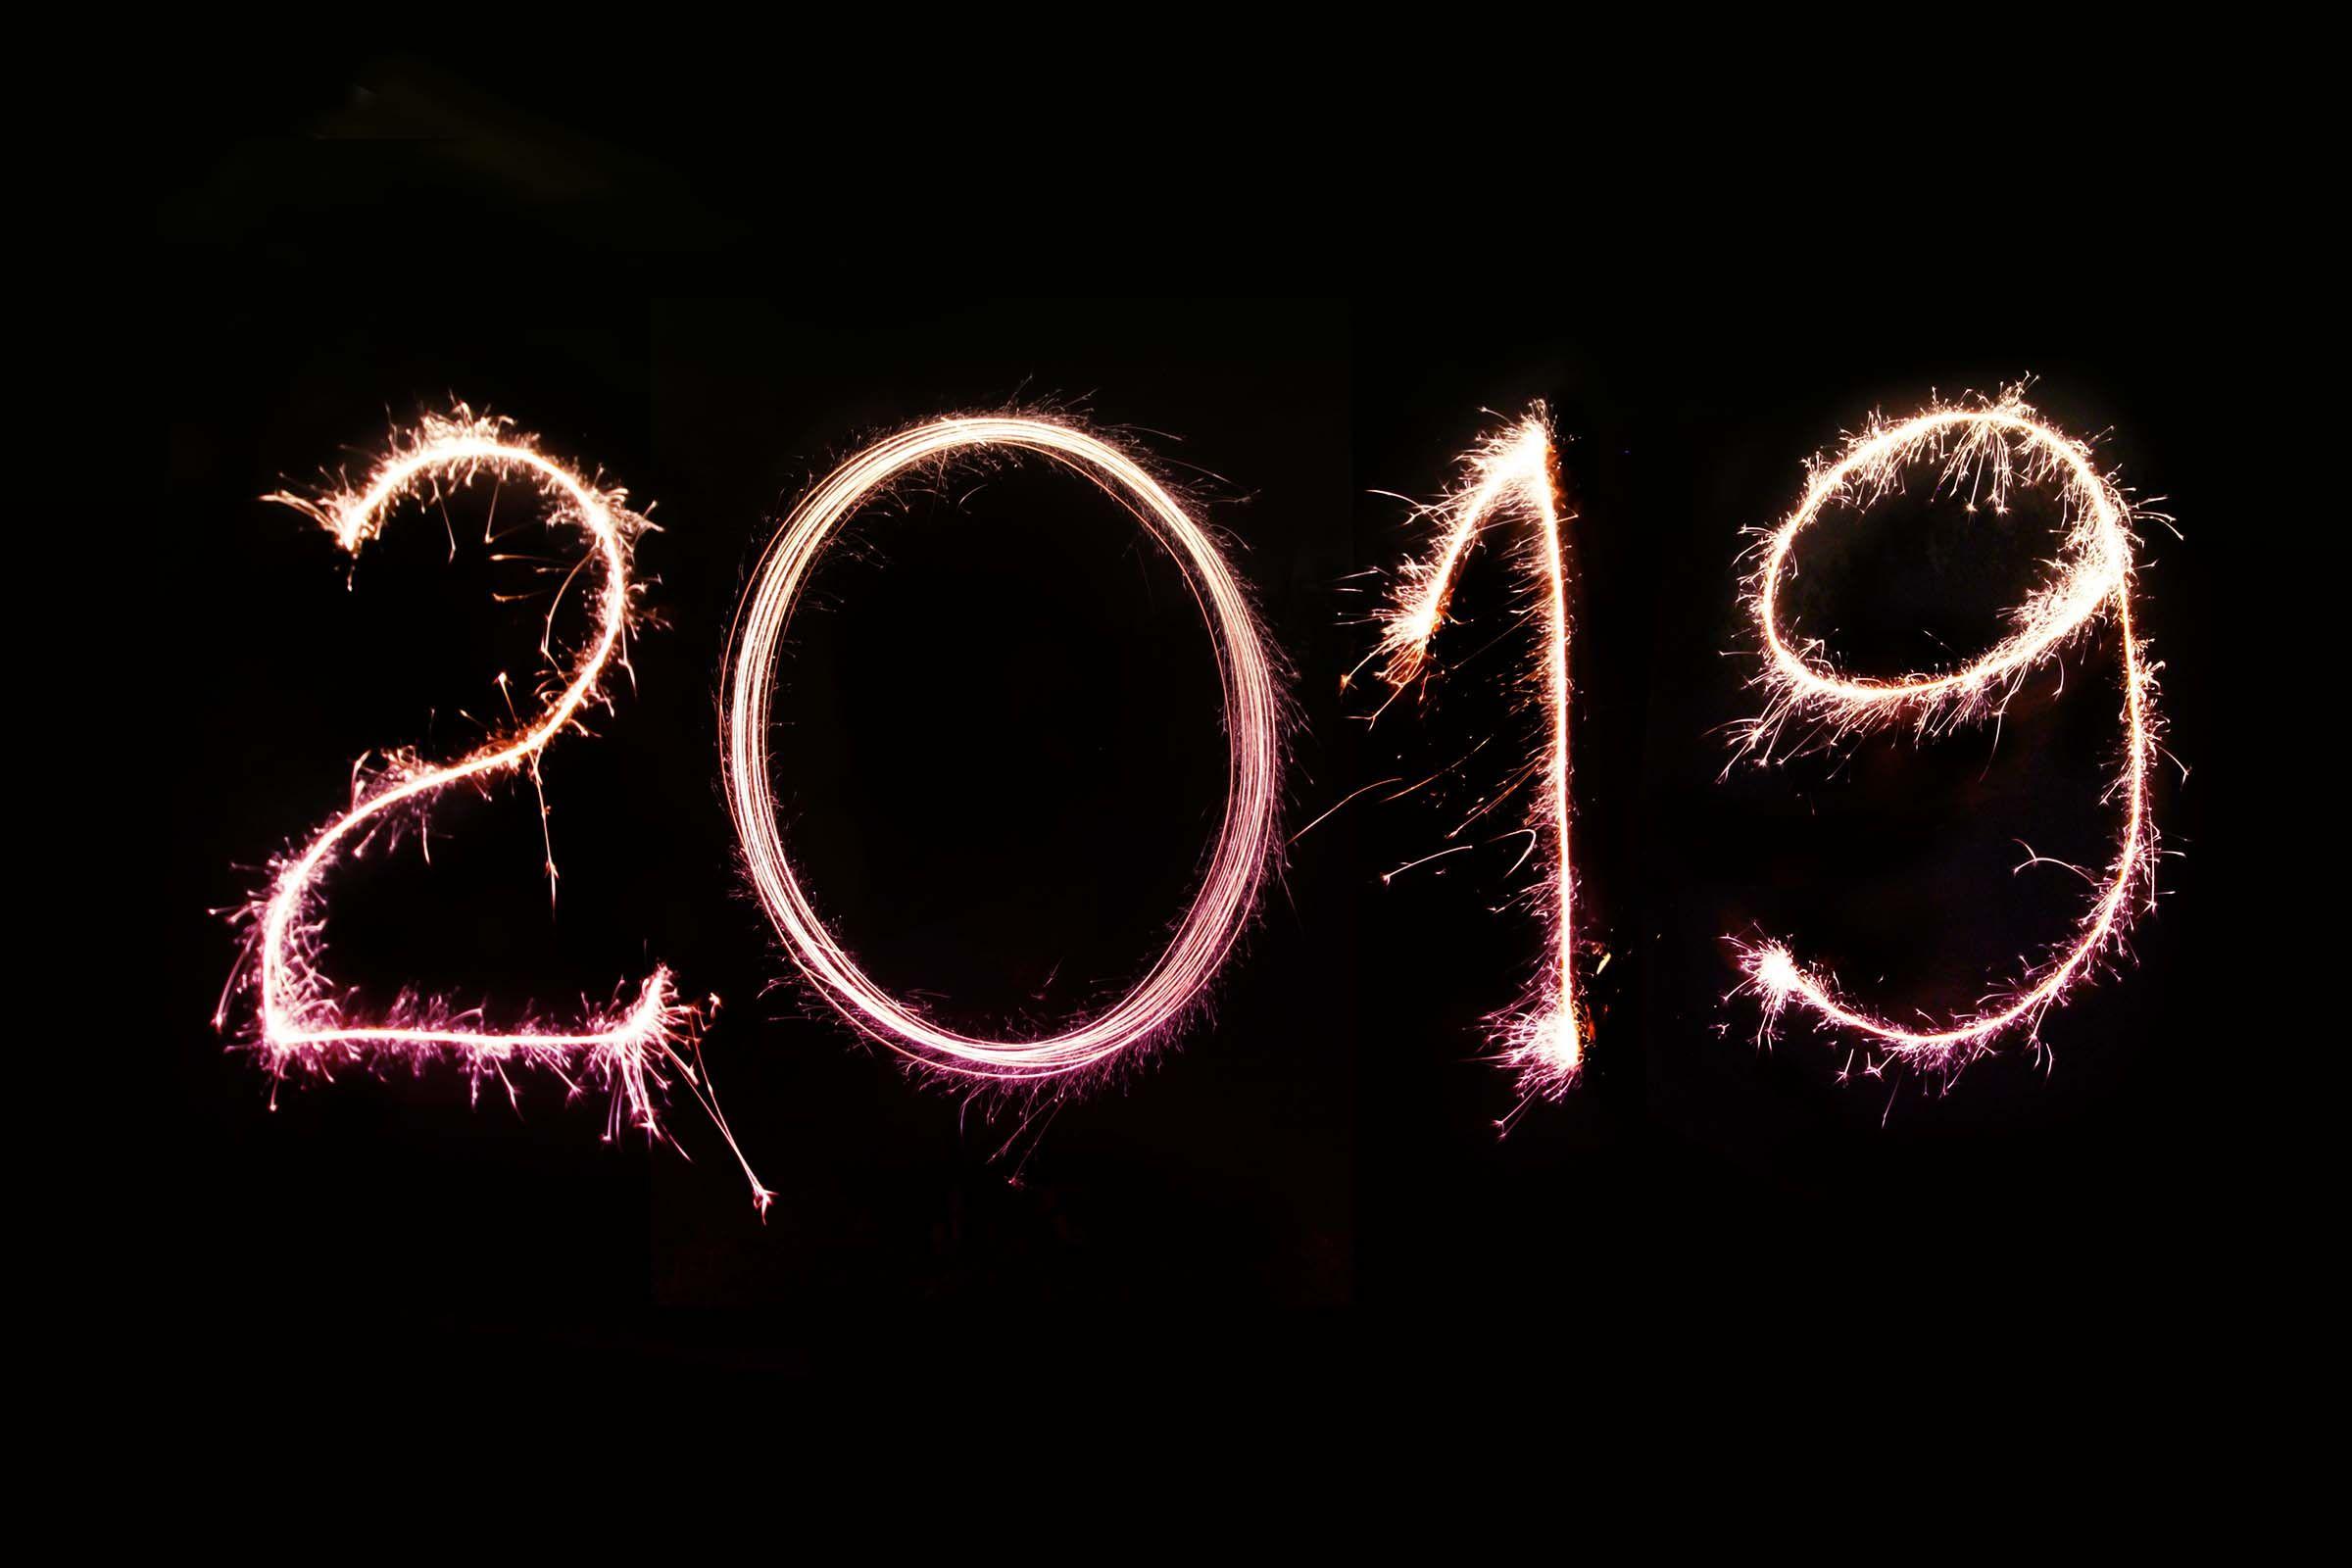 Sparkler lighting photo 2019